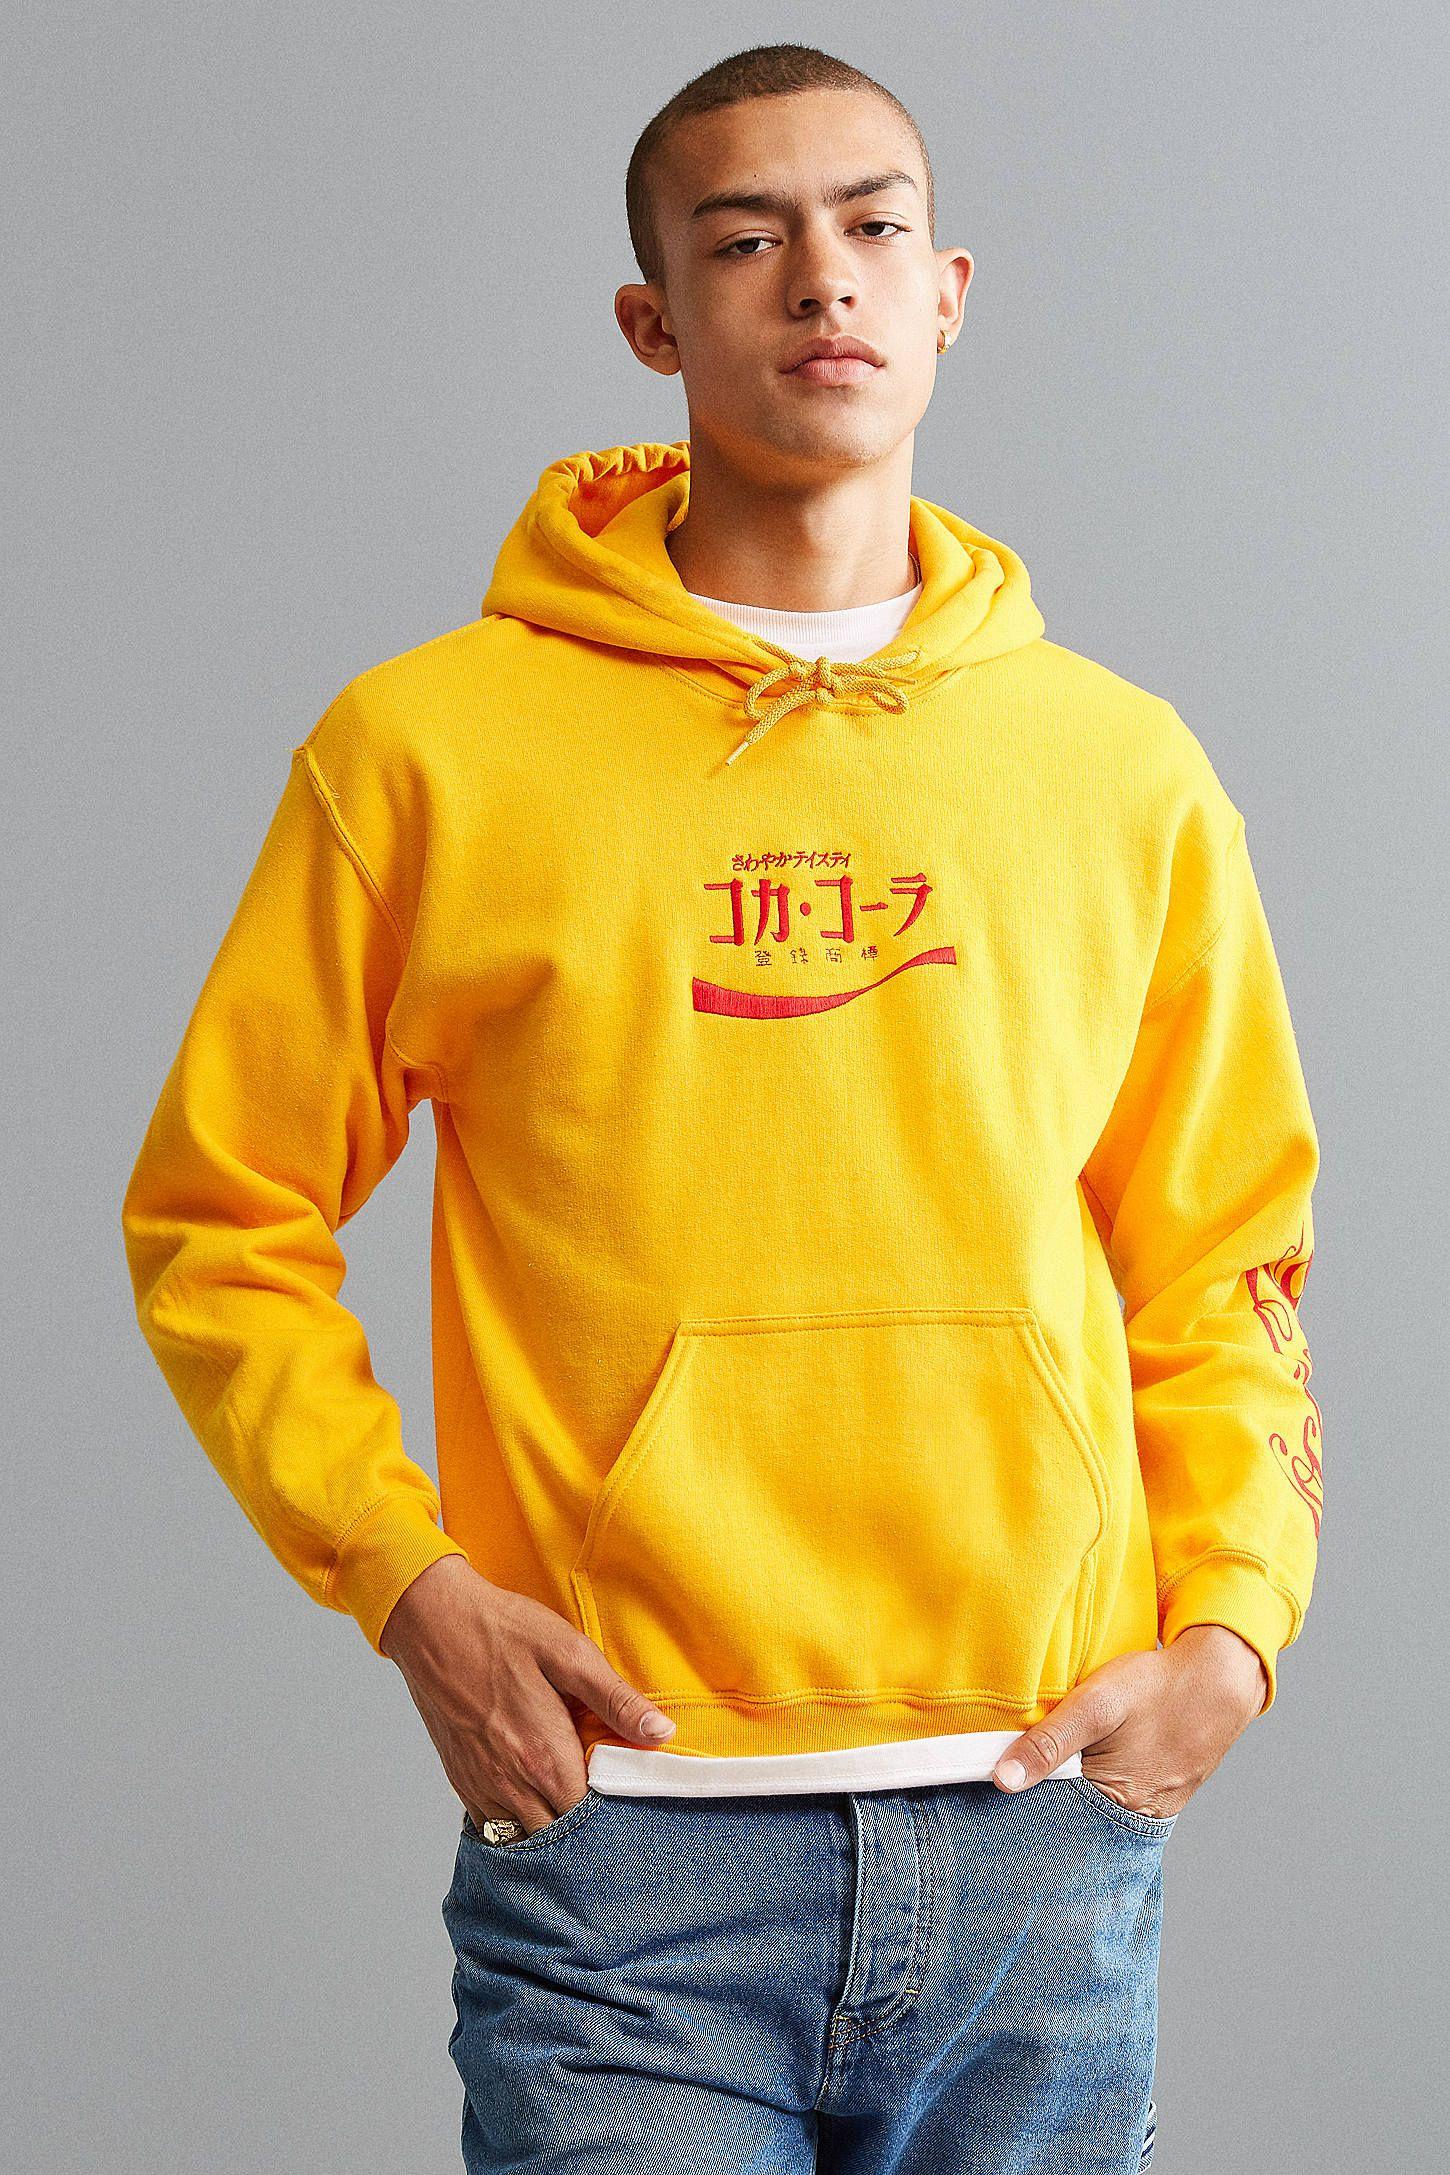 d4f48544409 Coca-Cola Embroidered Hoodie Sweatshirt | jumper/hoodies | Hoodies ...